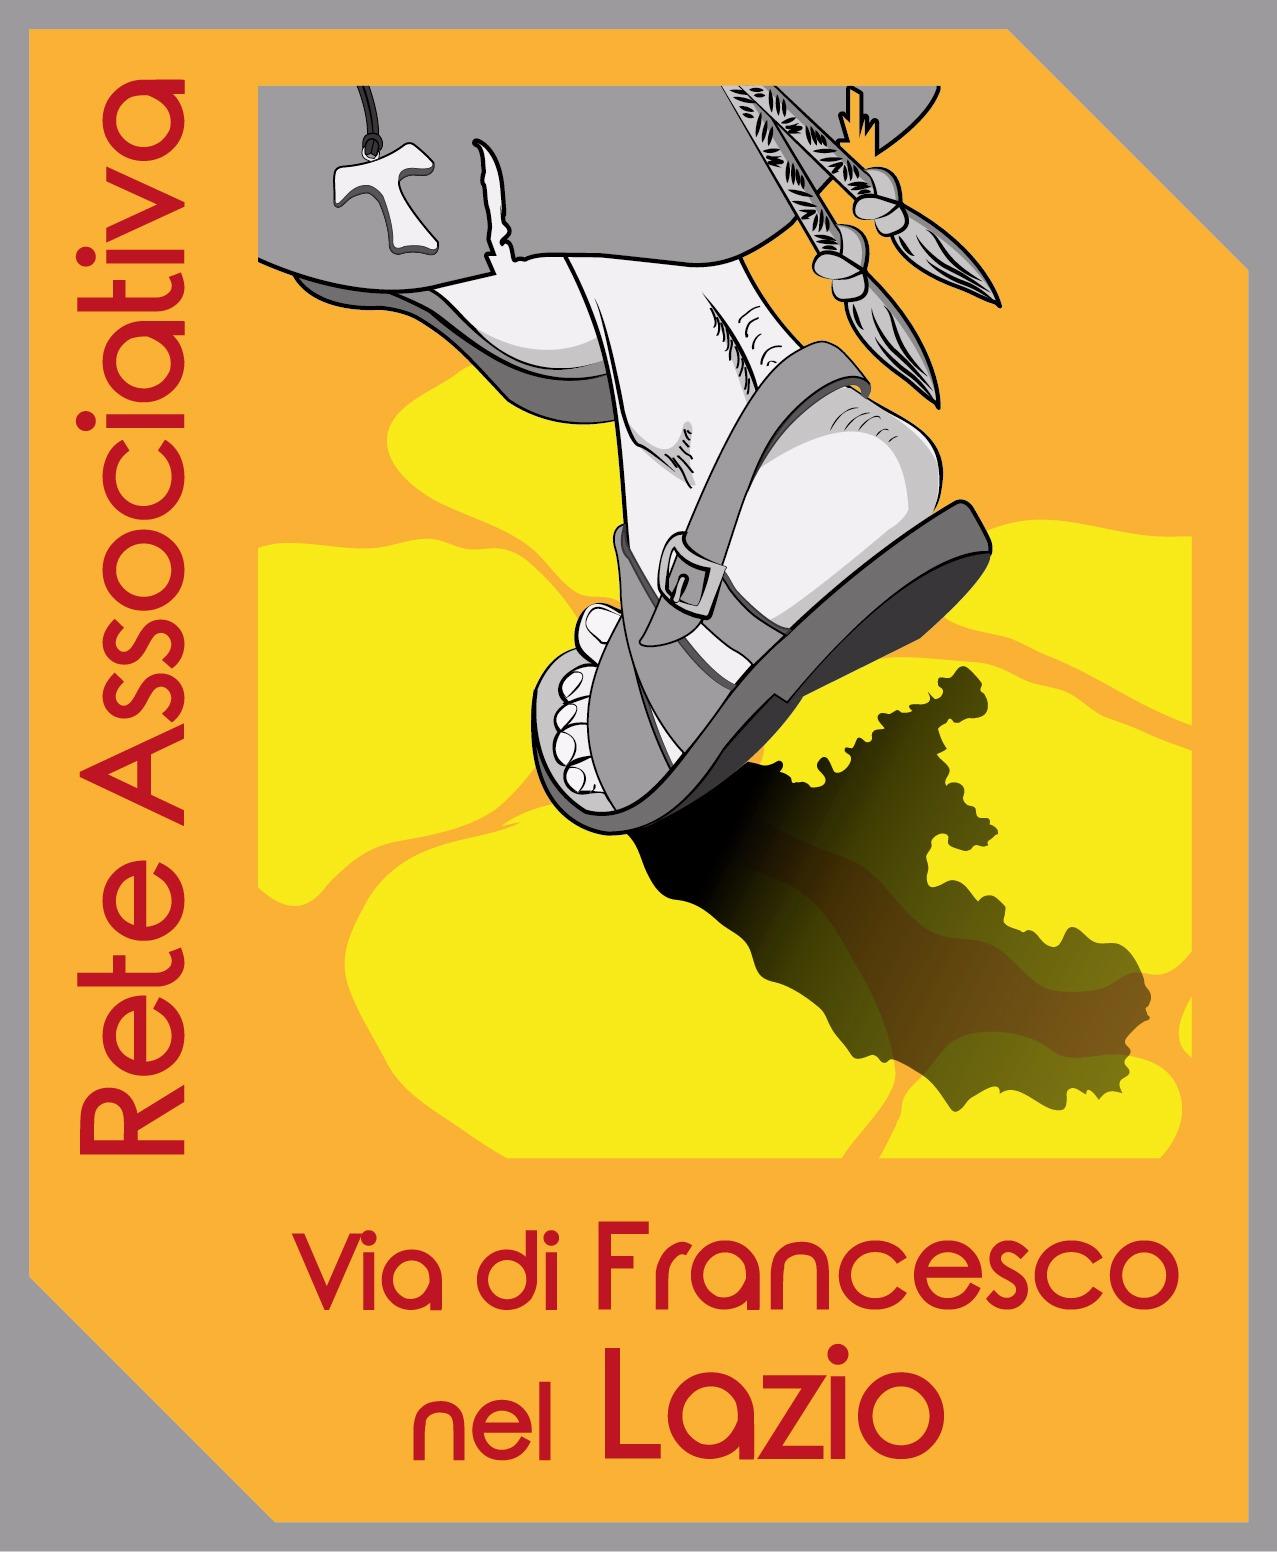 Rete Associativa Via di Francesco nel Lazio